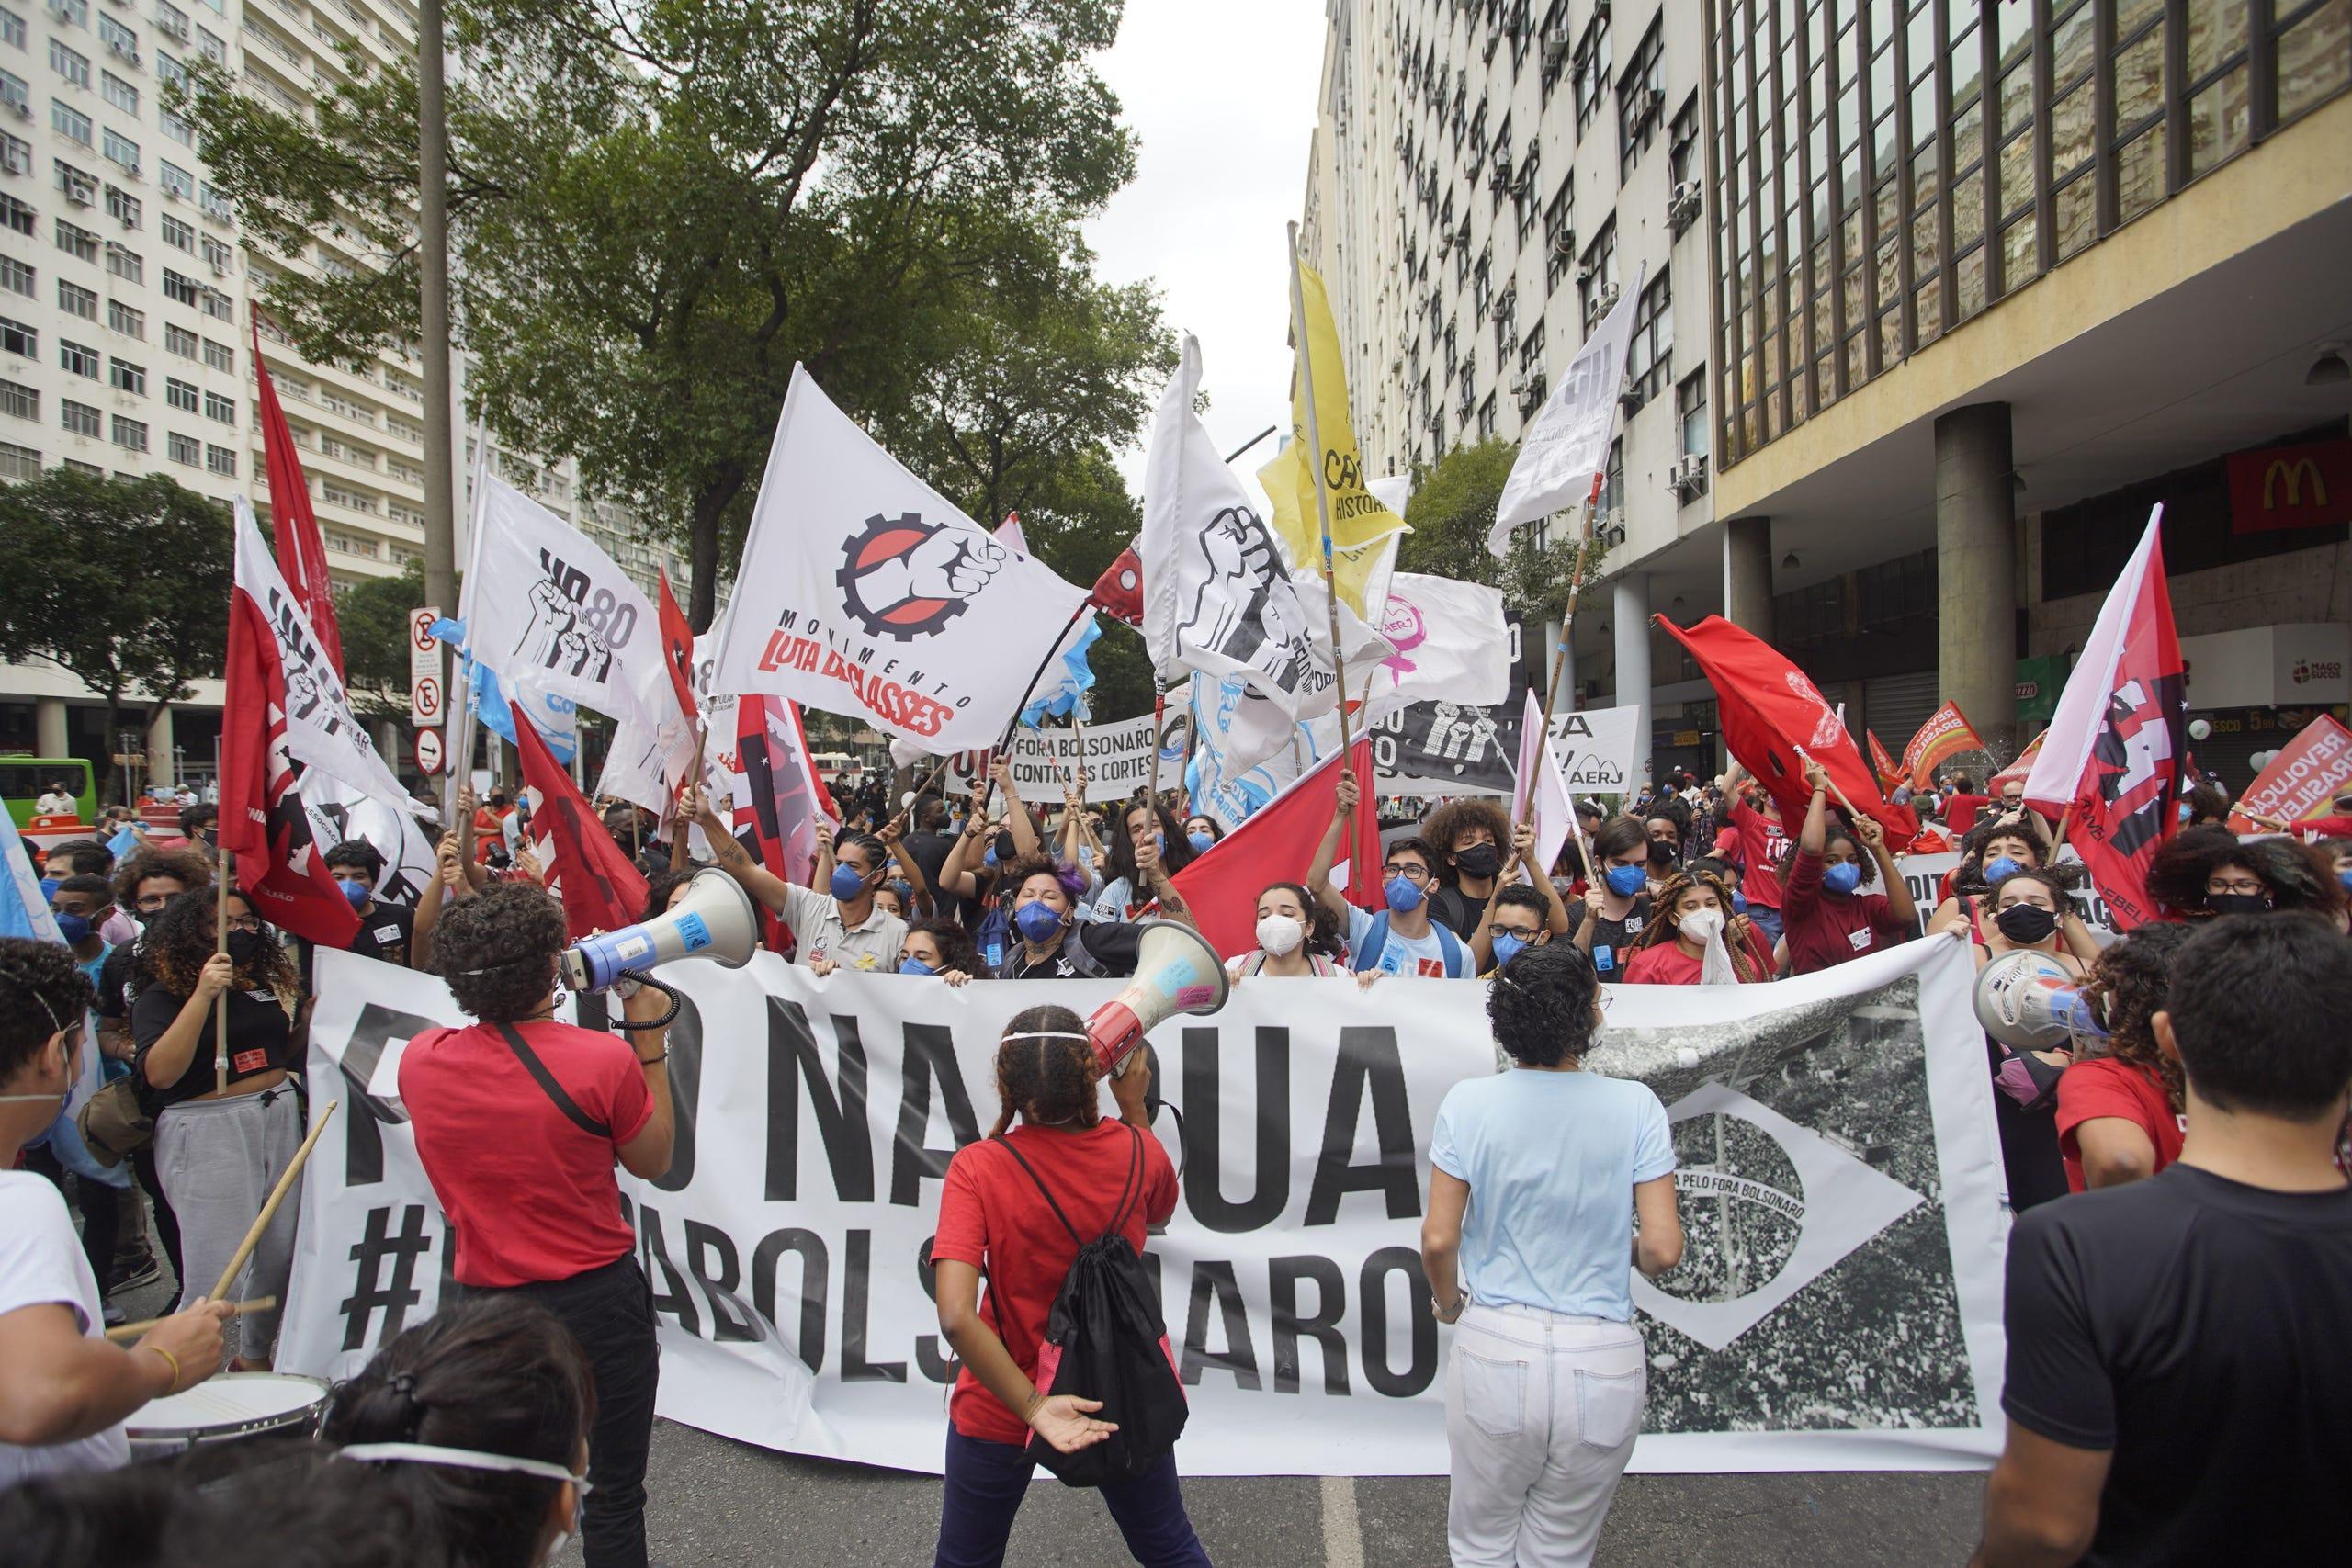 Demonstranten halten Fahnen und Transparente während einer Demonstration gegen Präsident Jair Bolsonaro am 7. September 2021 in Rio de Janeiro.  Brasilianer sind zum Gedenken an ihren Unabhängigkeitstag auf die Straße gegangen, um sowohl Unterstützung als auch Ablehnung für die Regierung von Jair Bolsonaro zu zeigen.